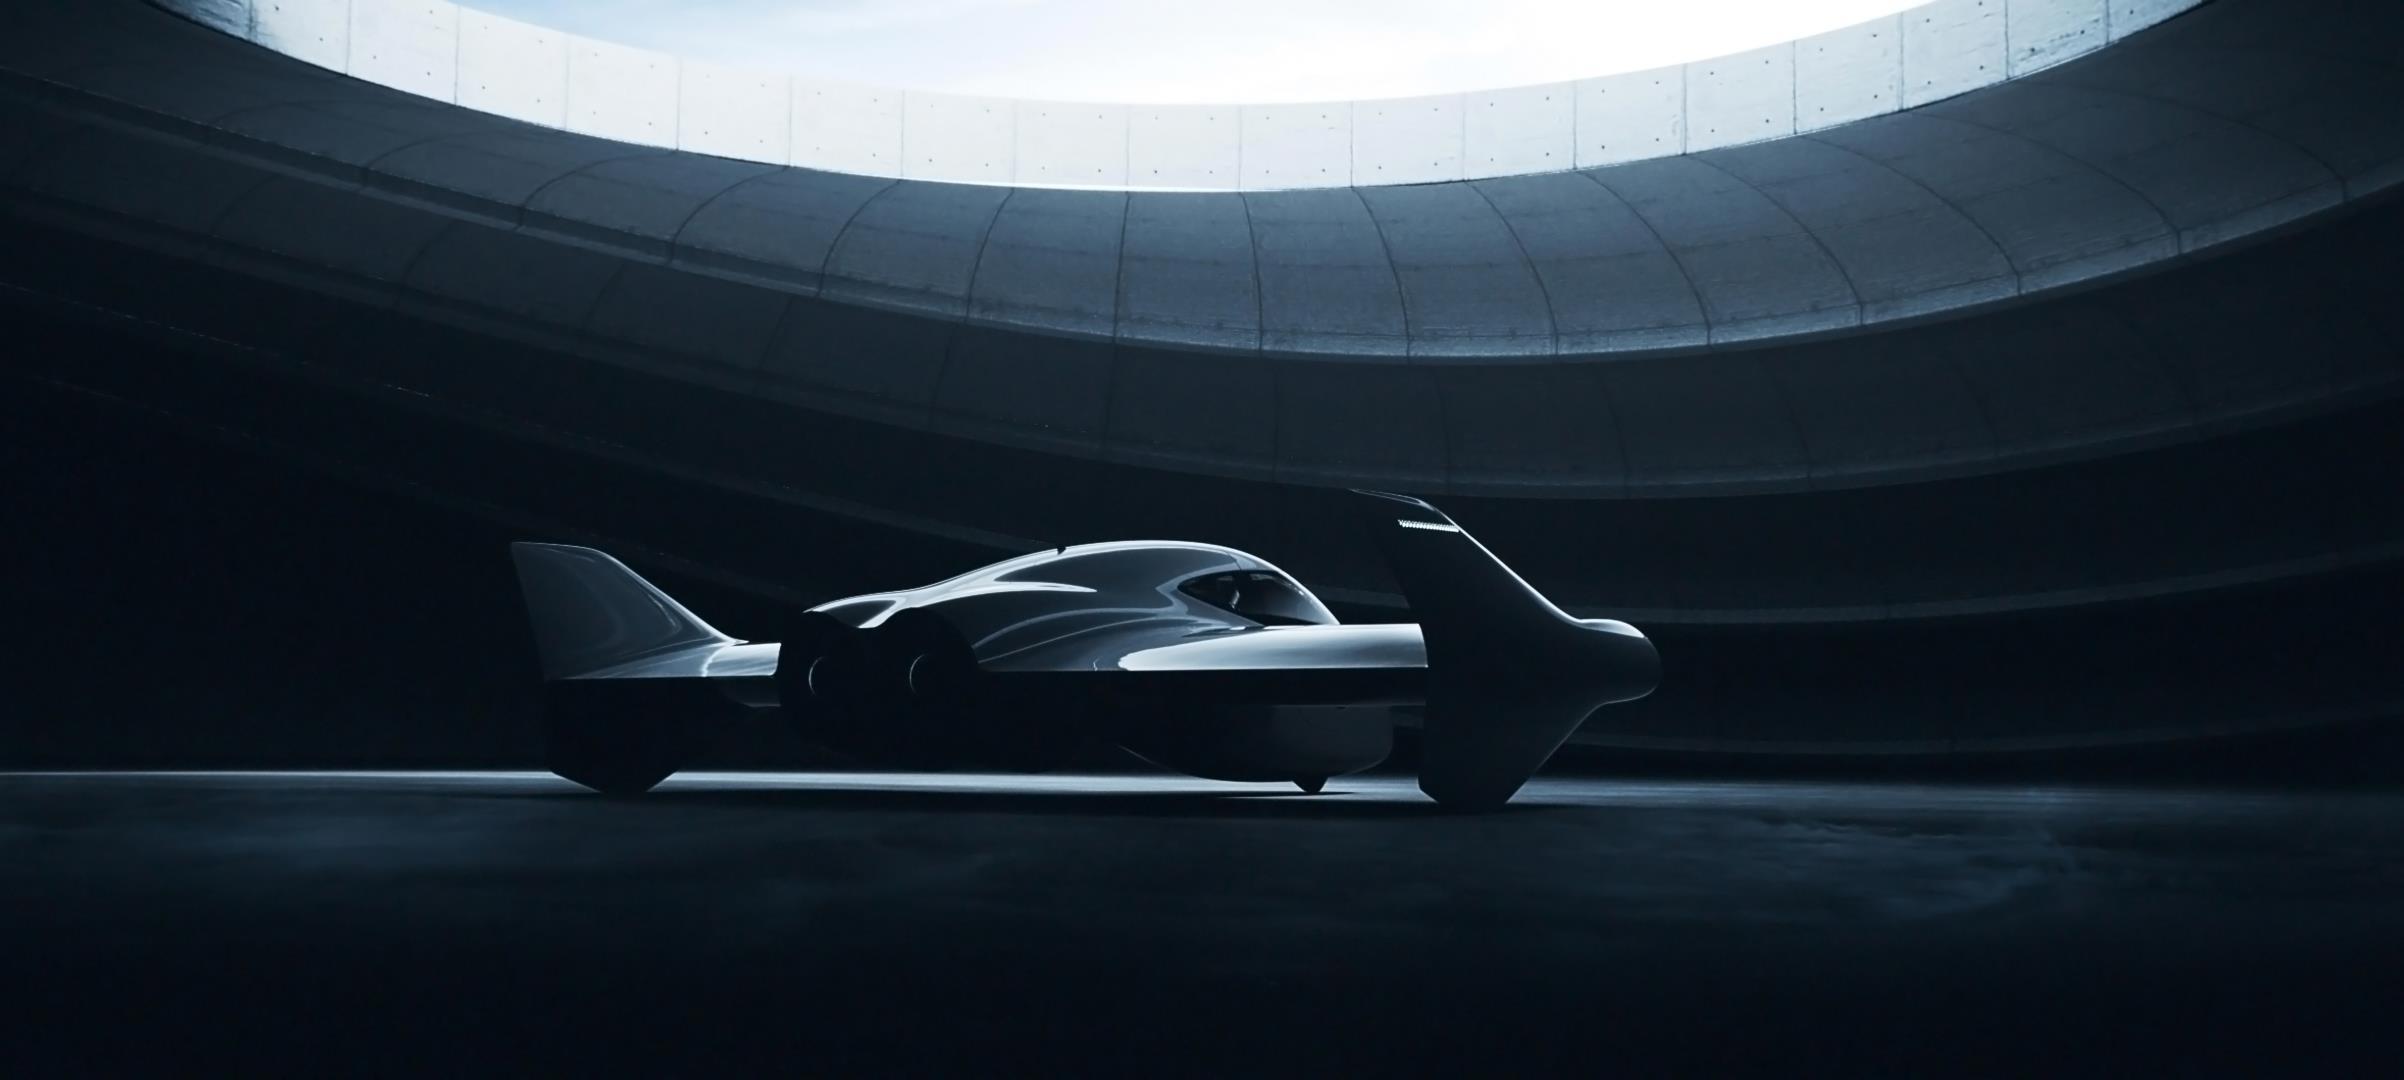 El concepto de Boeing y Porsche